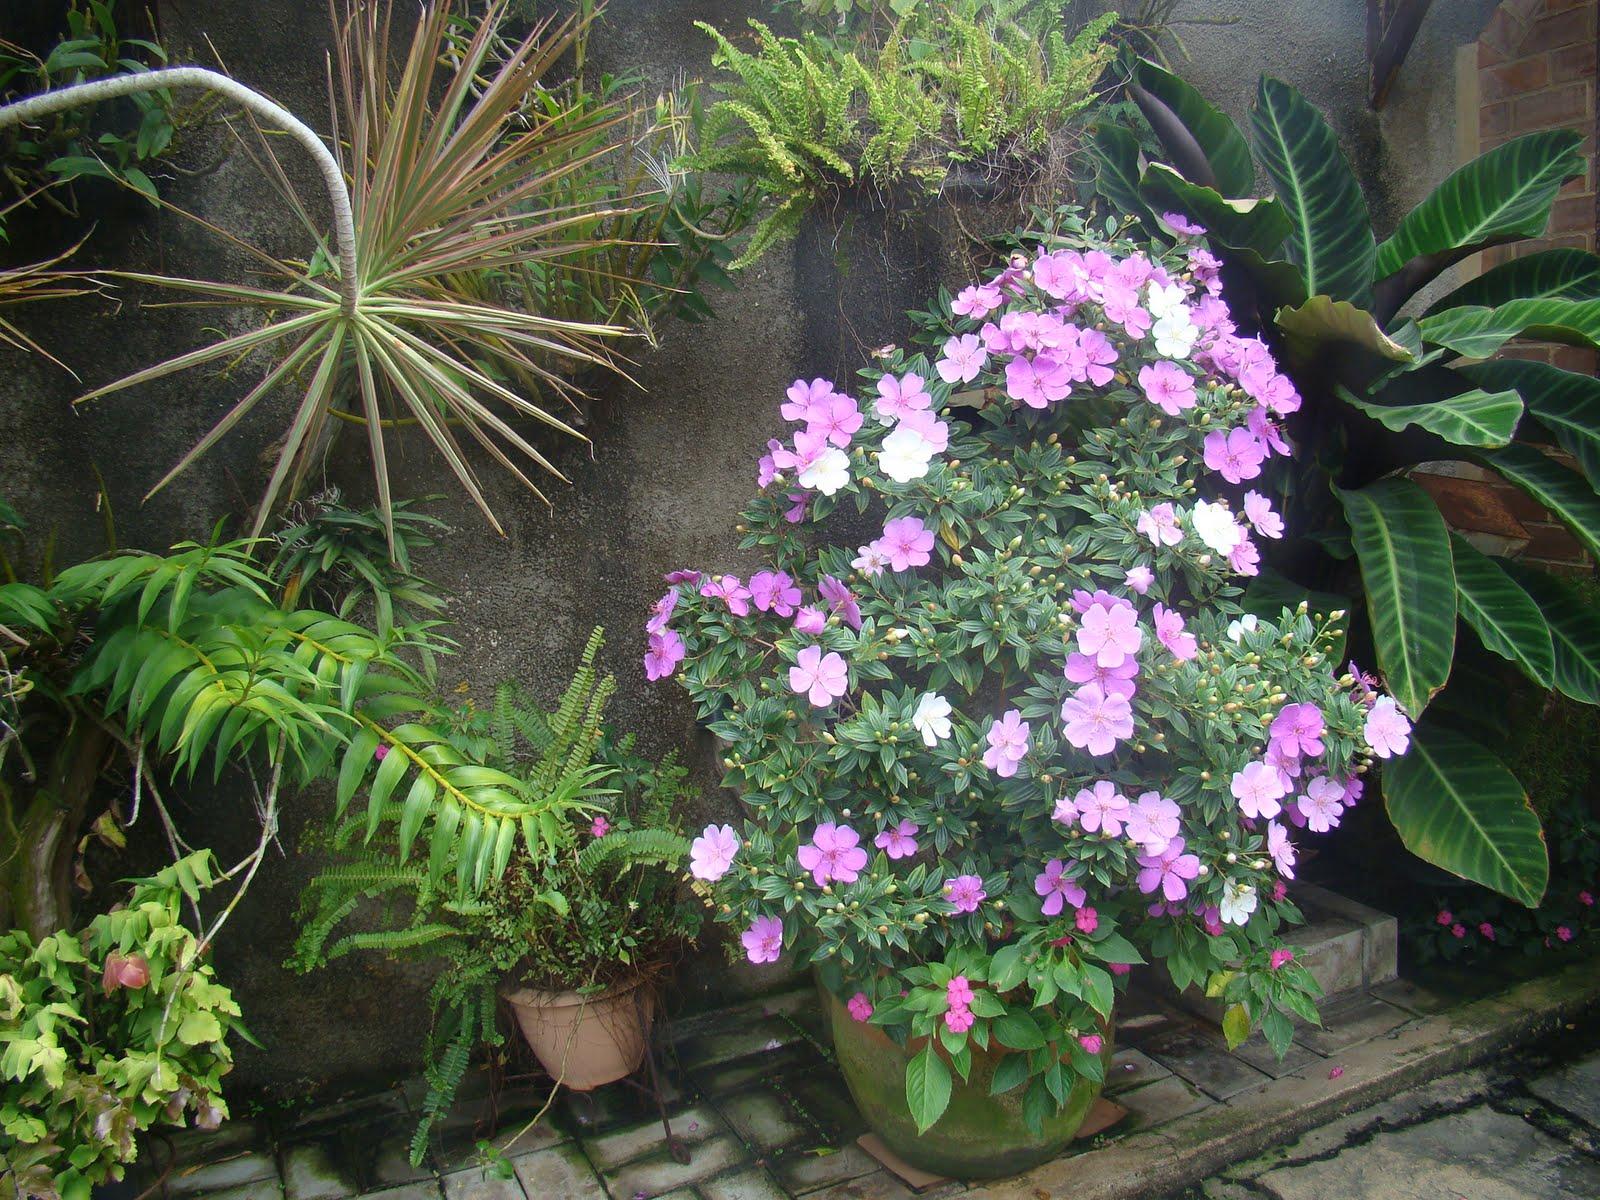 manaca de jardim em vaso : manaca de jardim em vaso:Outono no jardim da casa de minha mãe